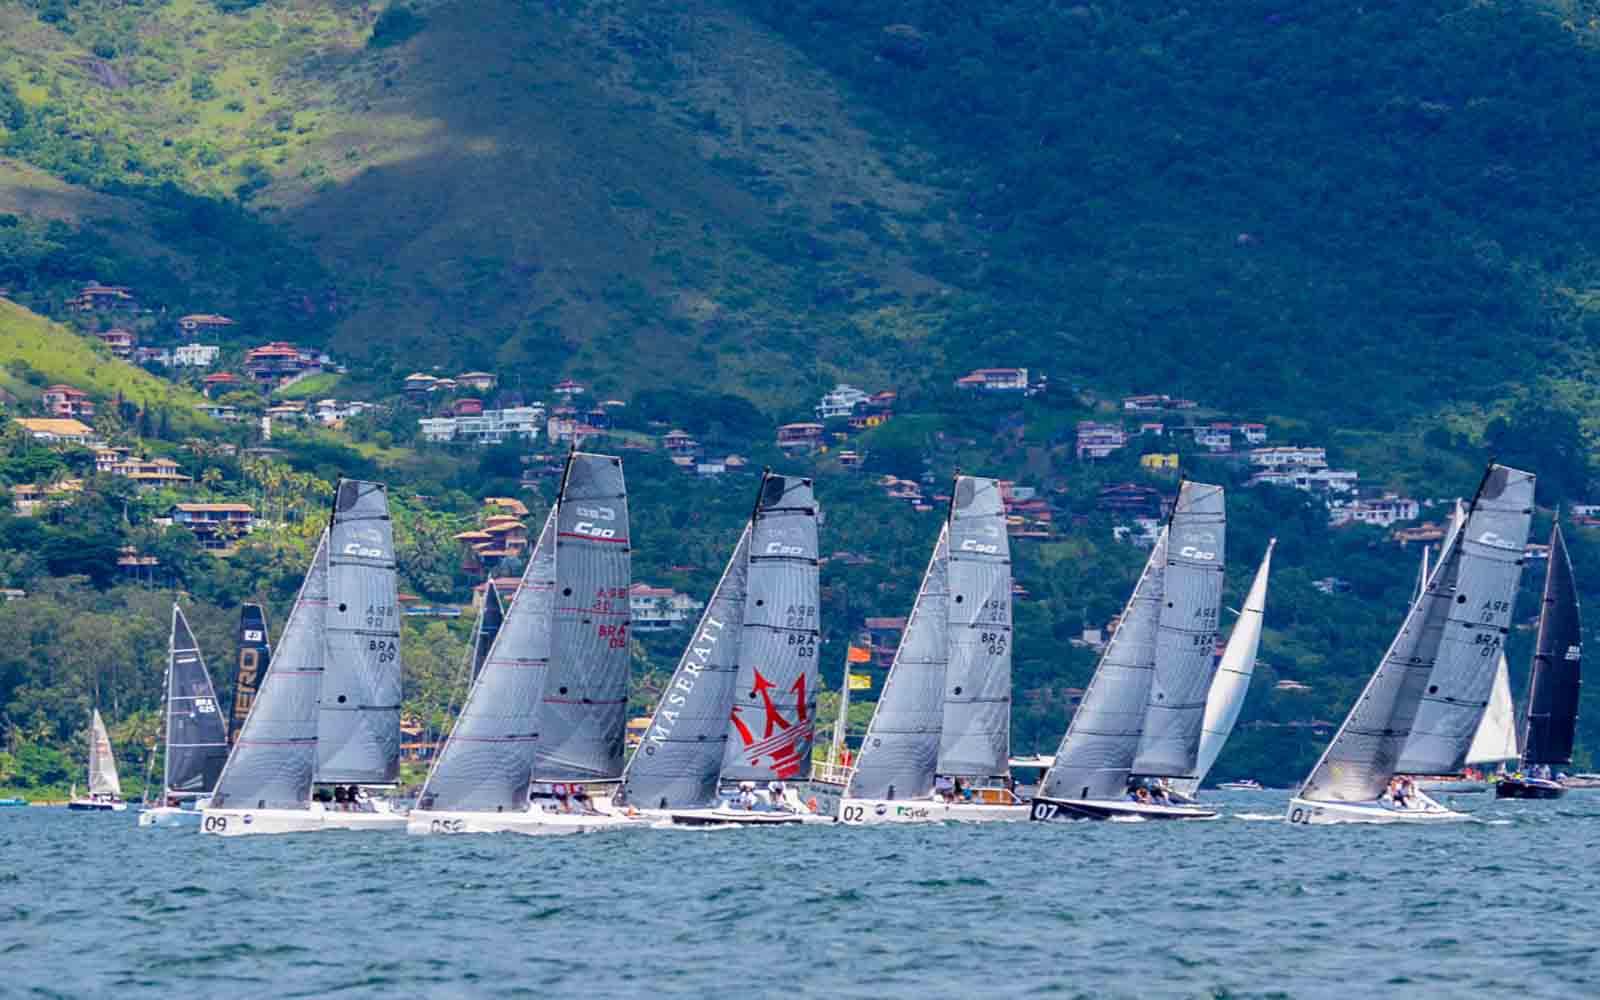 7d4bac9498 Classe C30 inicia temporada de oceano com três barcos vencedores em ...